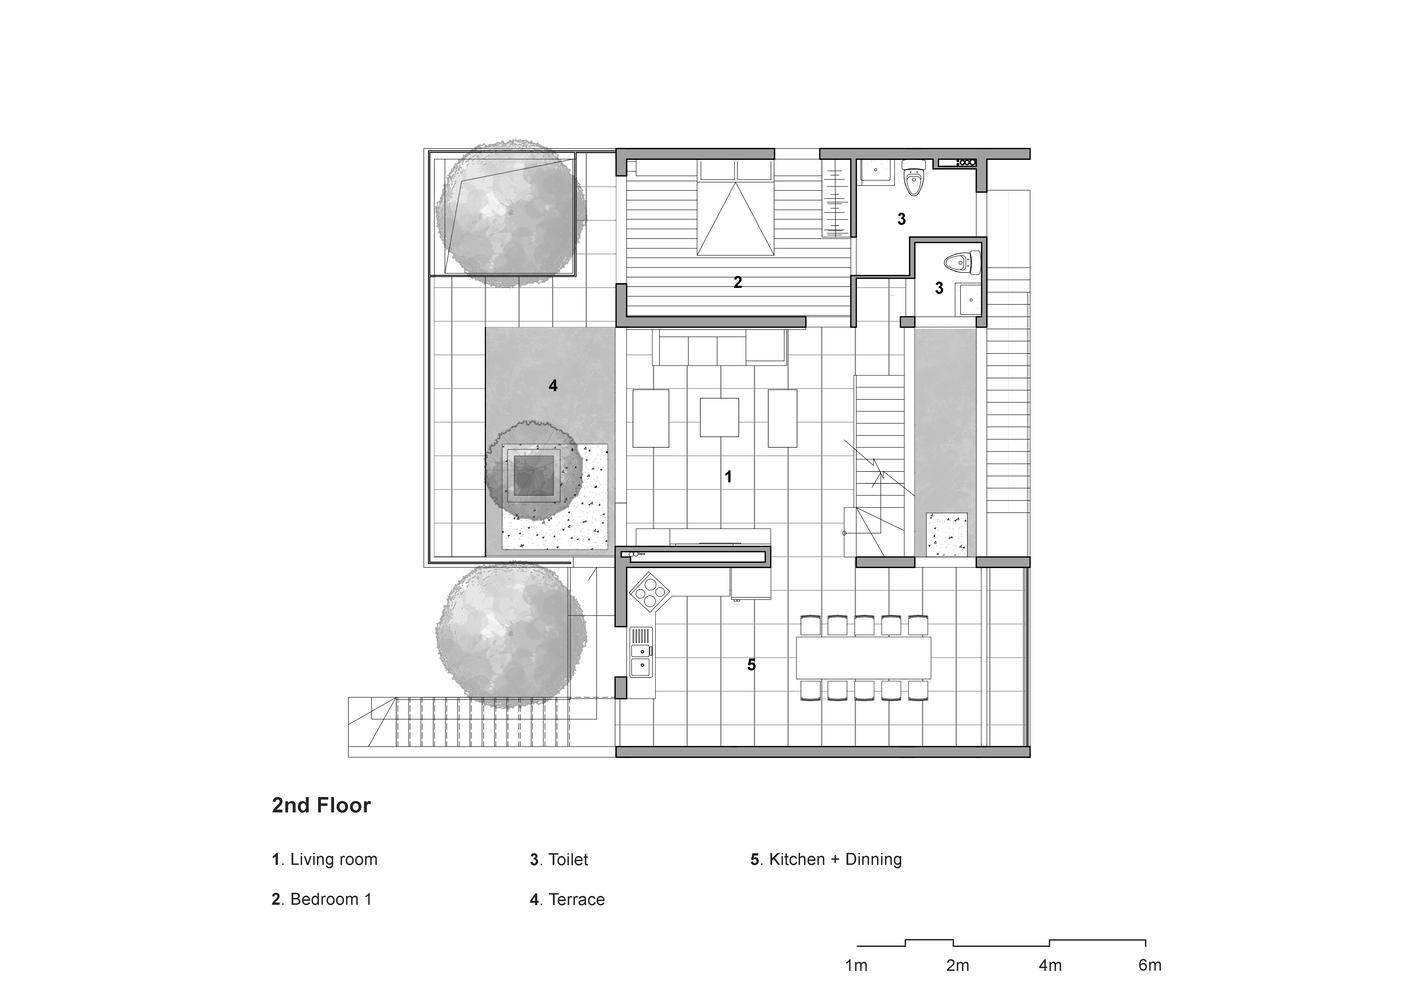 yen-nghia-housing-aicc-2